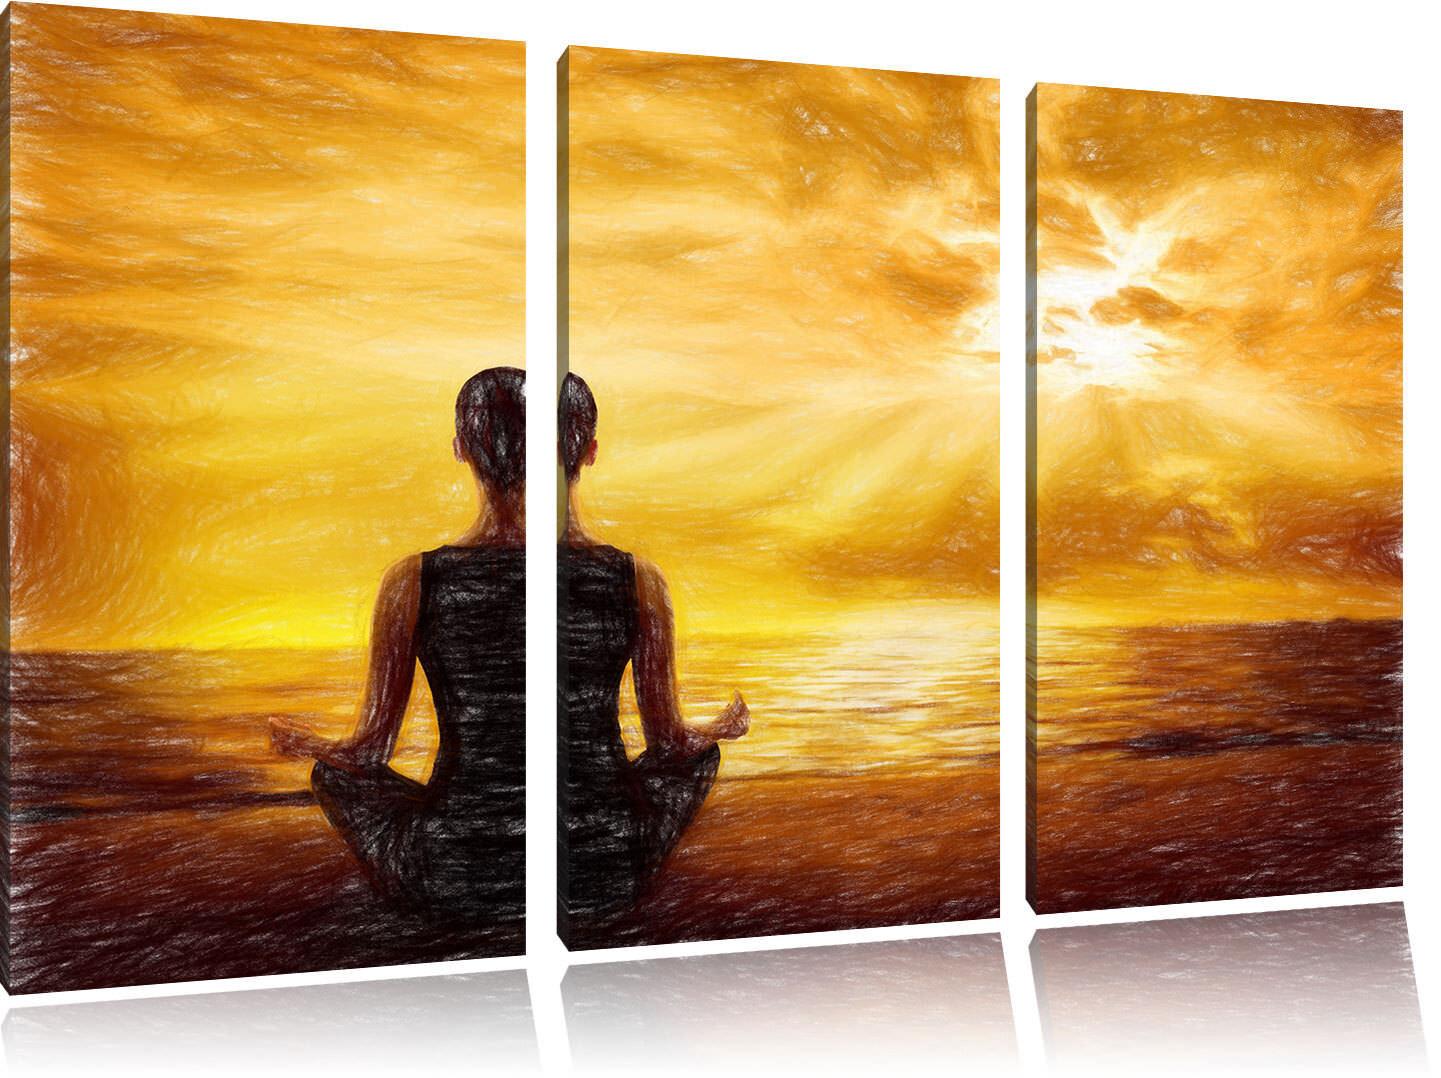 Frau meditiert bei Sonnenaufgang am Strand 3-Teiler Leinwandbild Wanddeko Kunstd